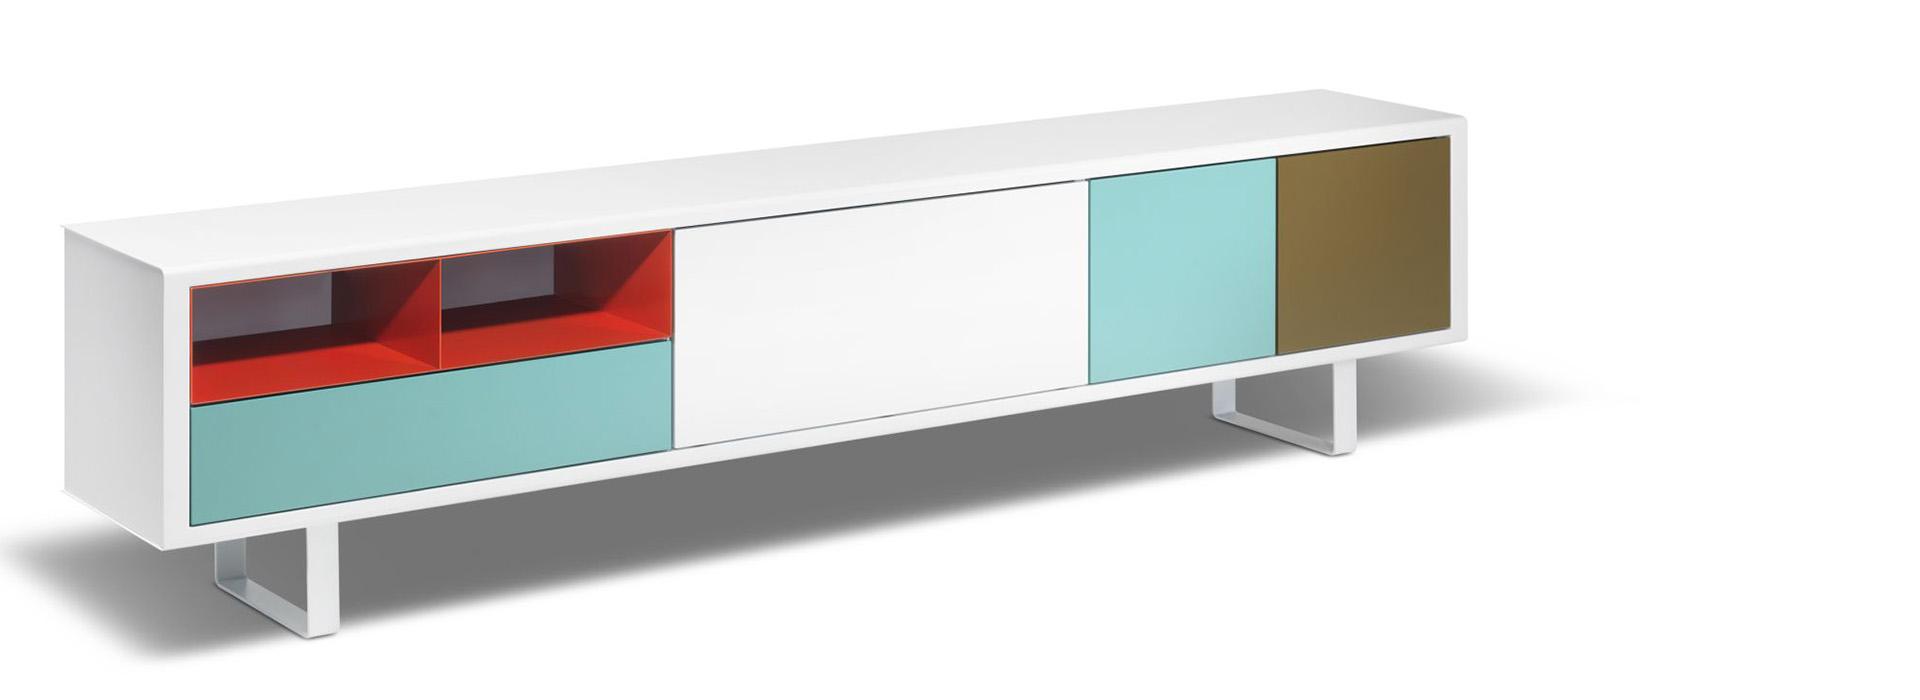 Wohnen Sideboardsystem Modular Müller-Möbelfabrikation Wollenberg